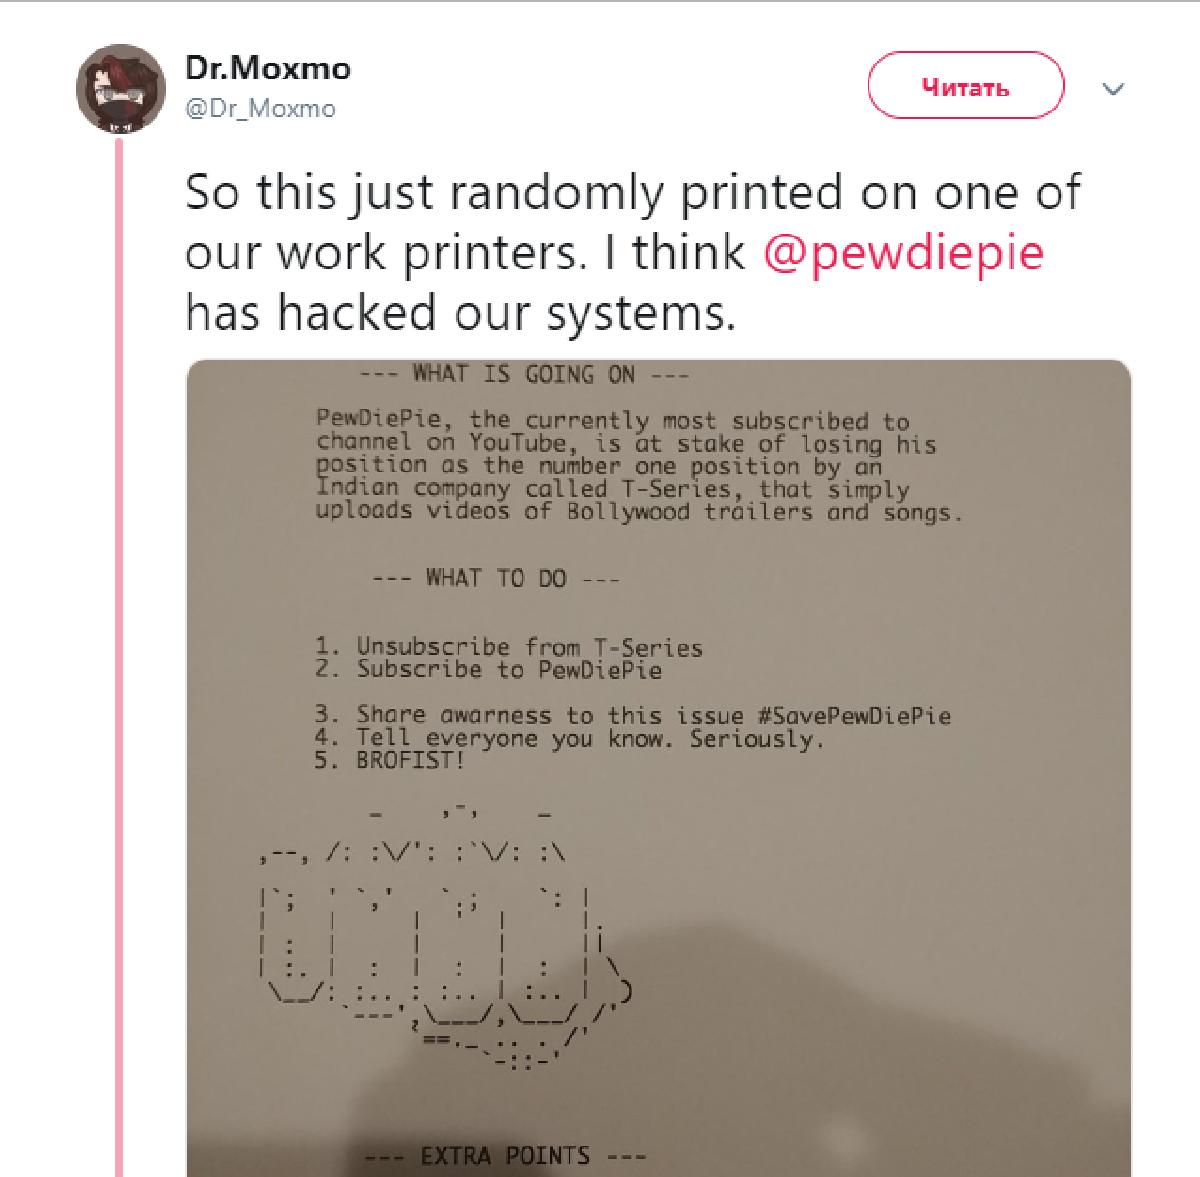 Более 50 000 принтеров по всему миру распечатали такое послание